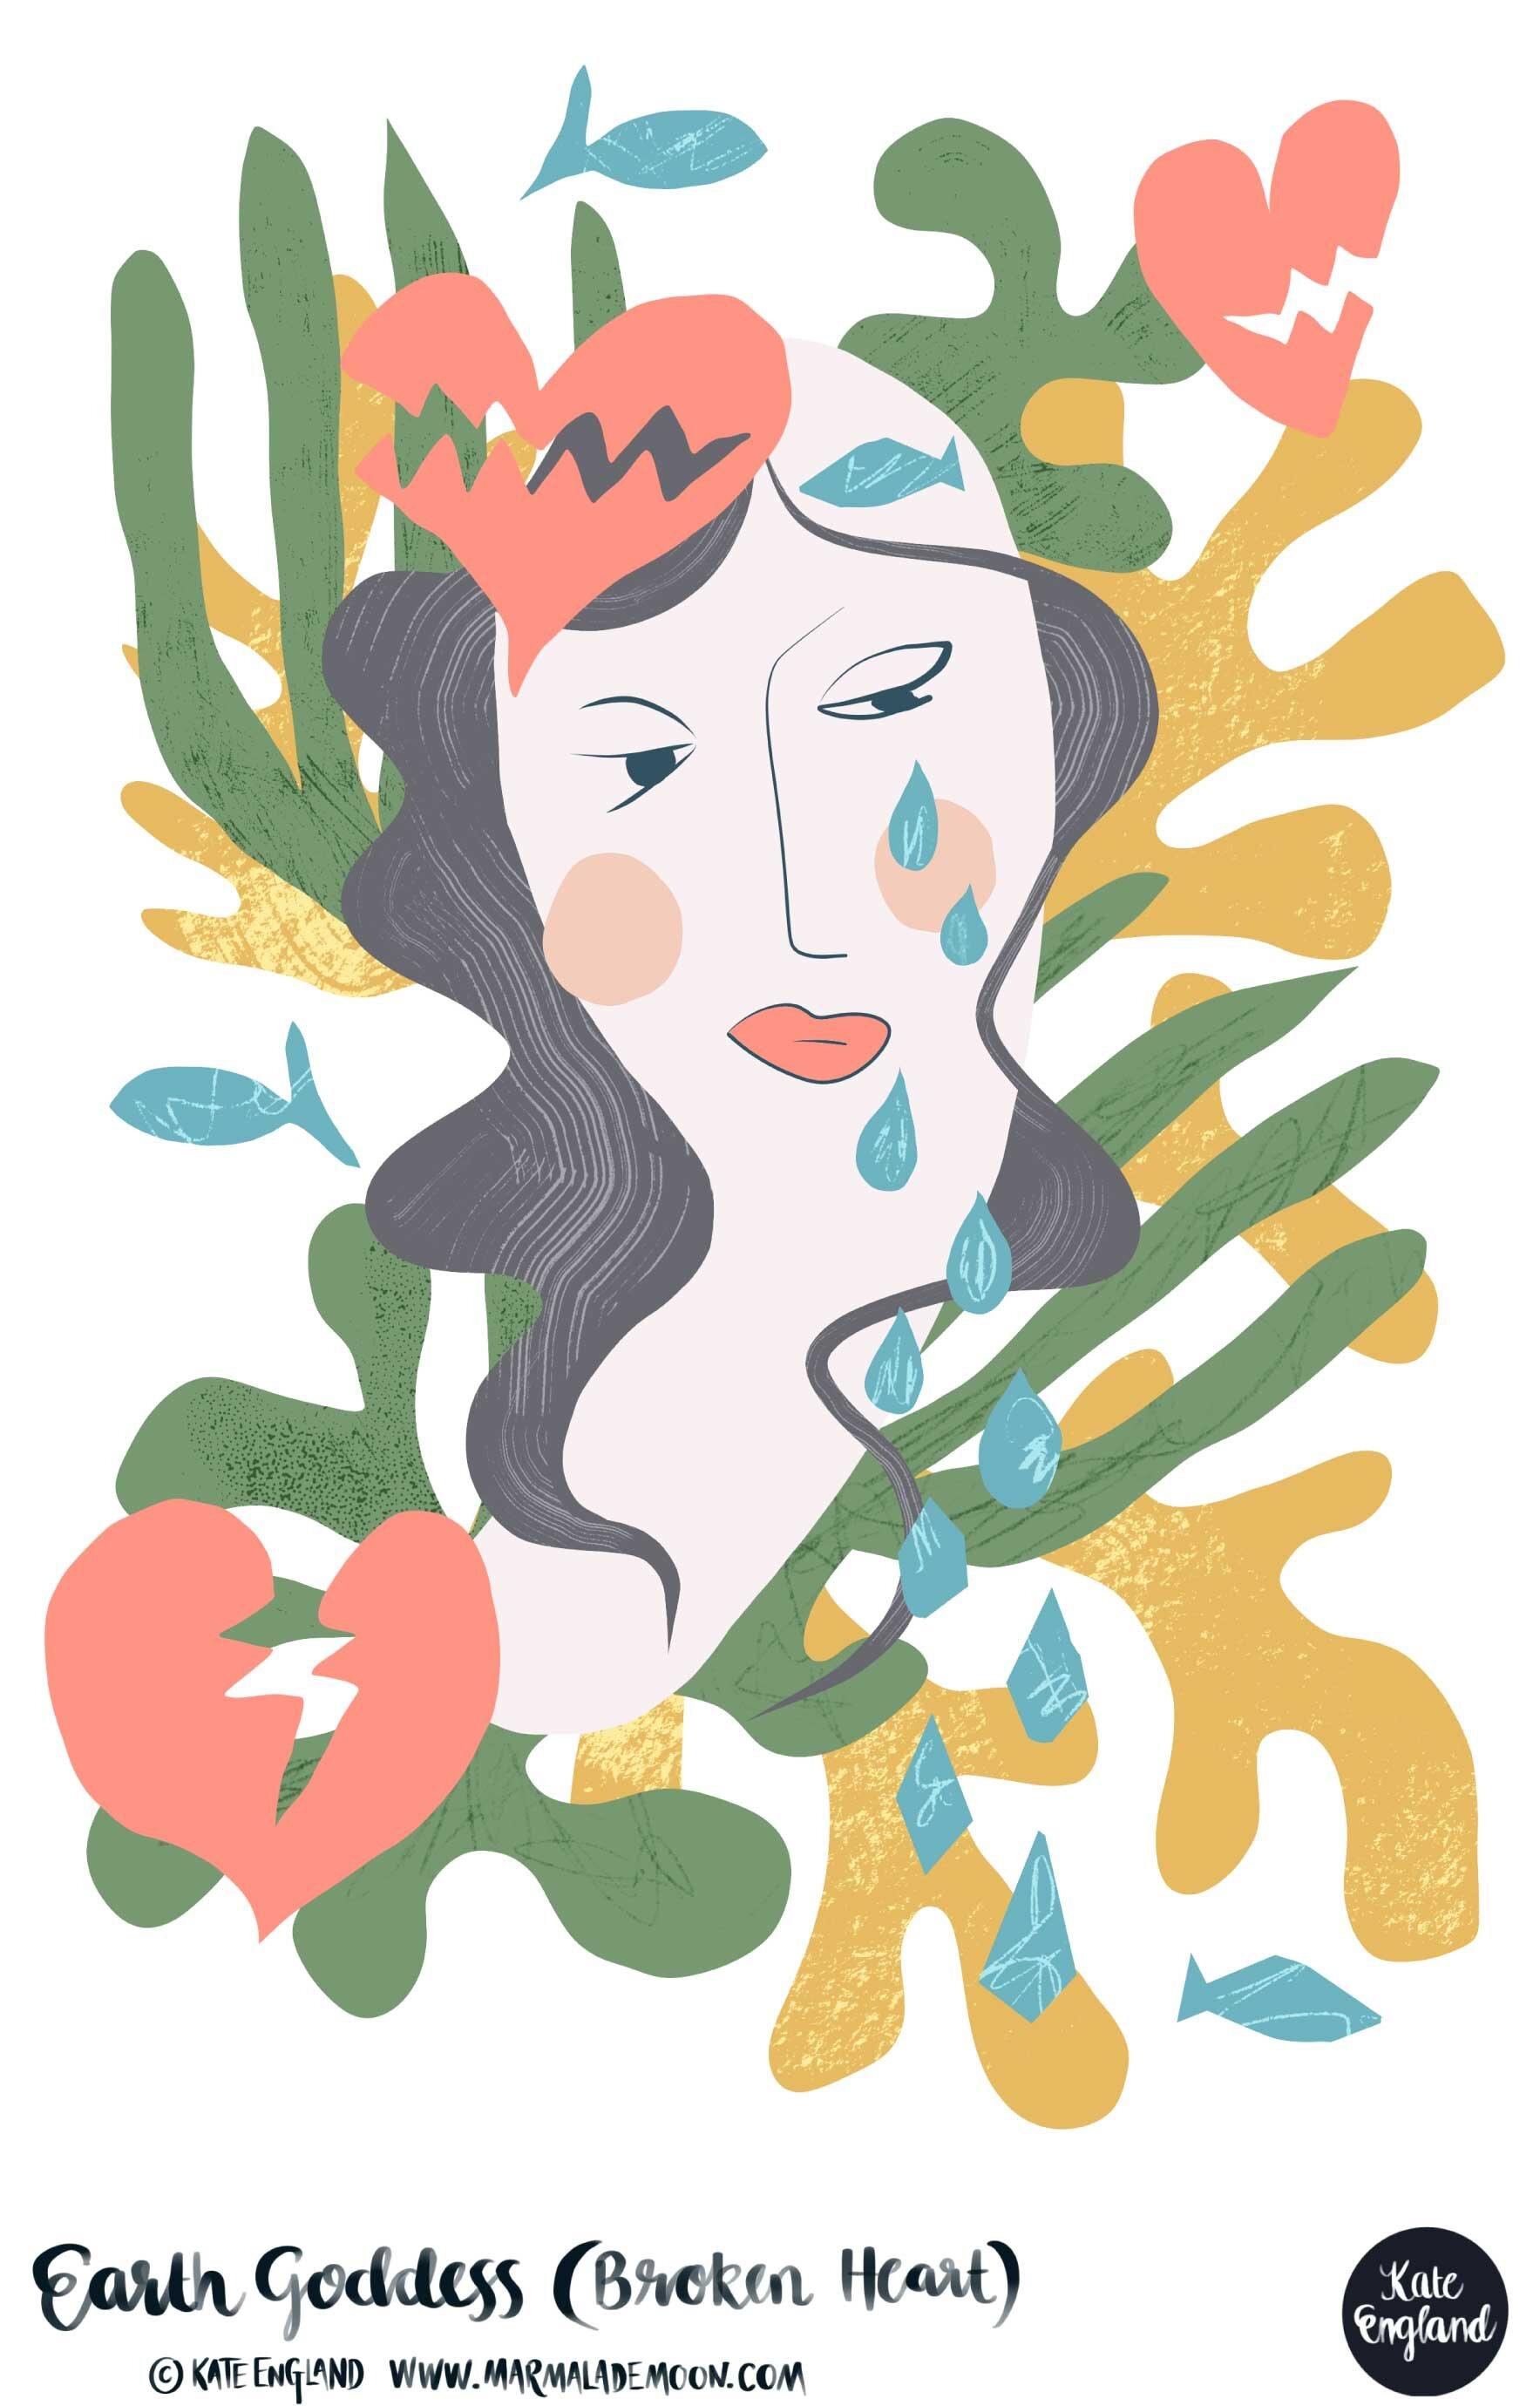 Earth Goddess (Broken Heart). Editorial illustration.